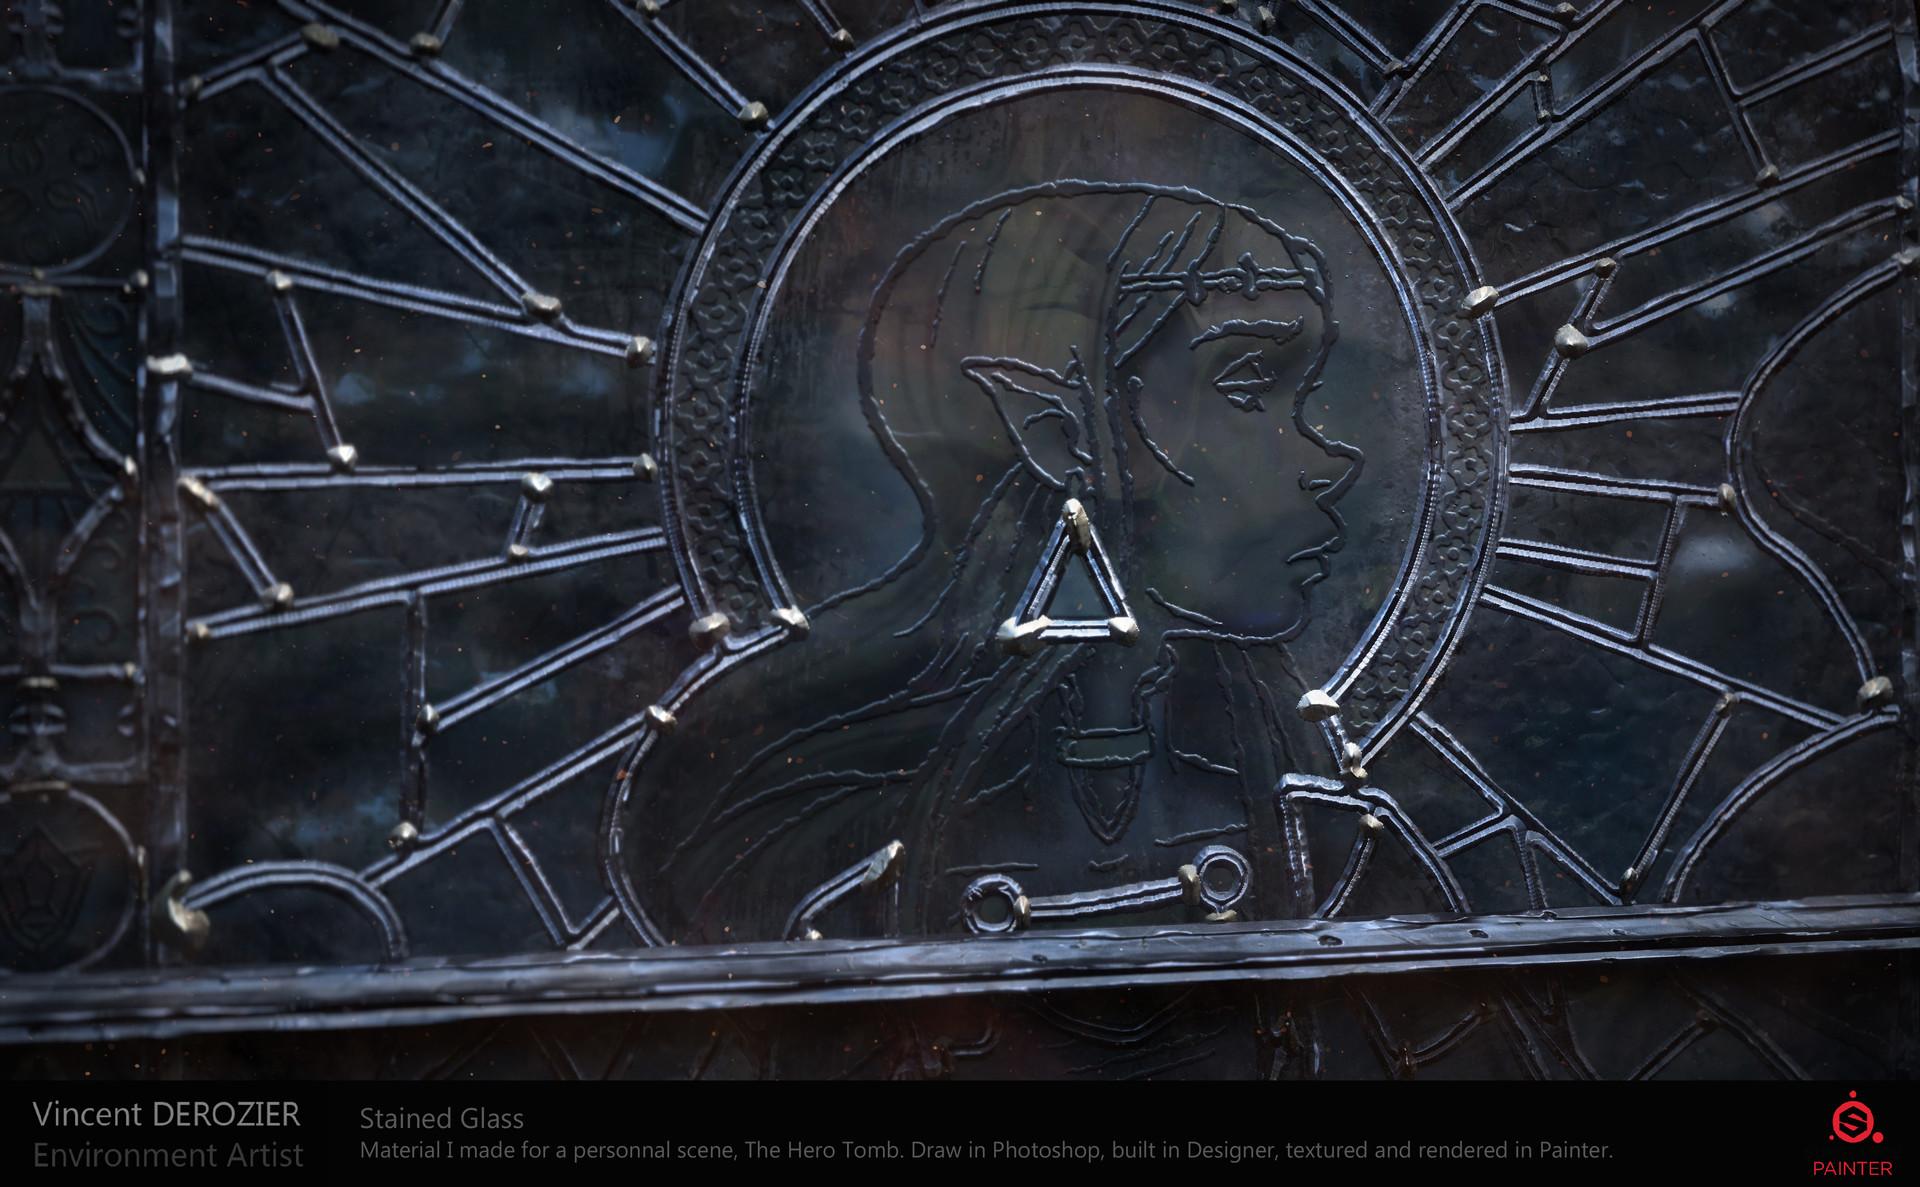 Vincent derozier 10 stainedglass 09